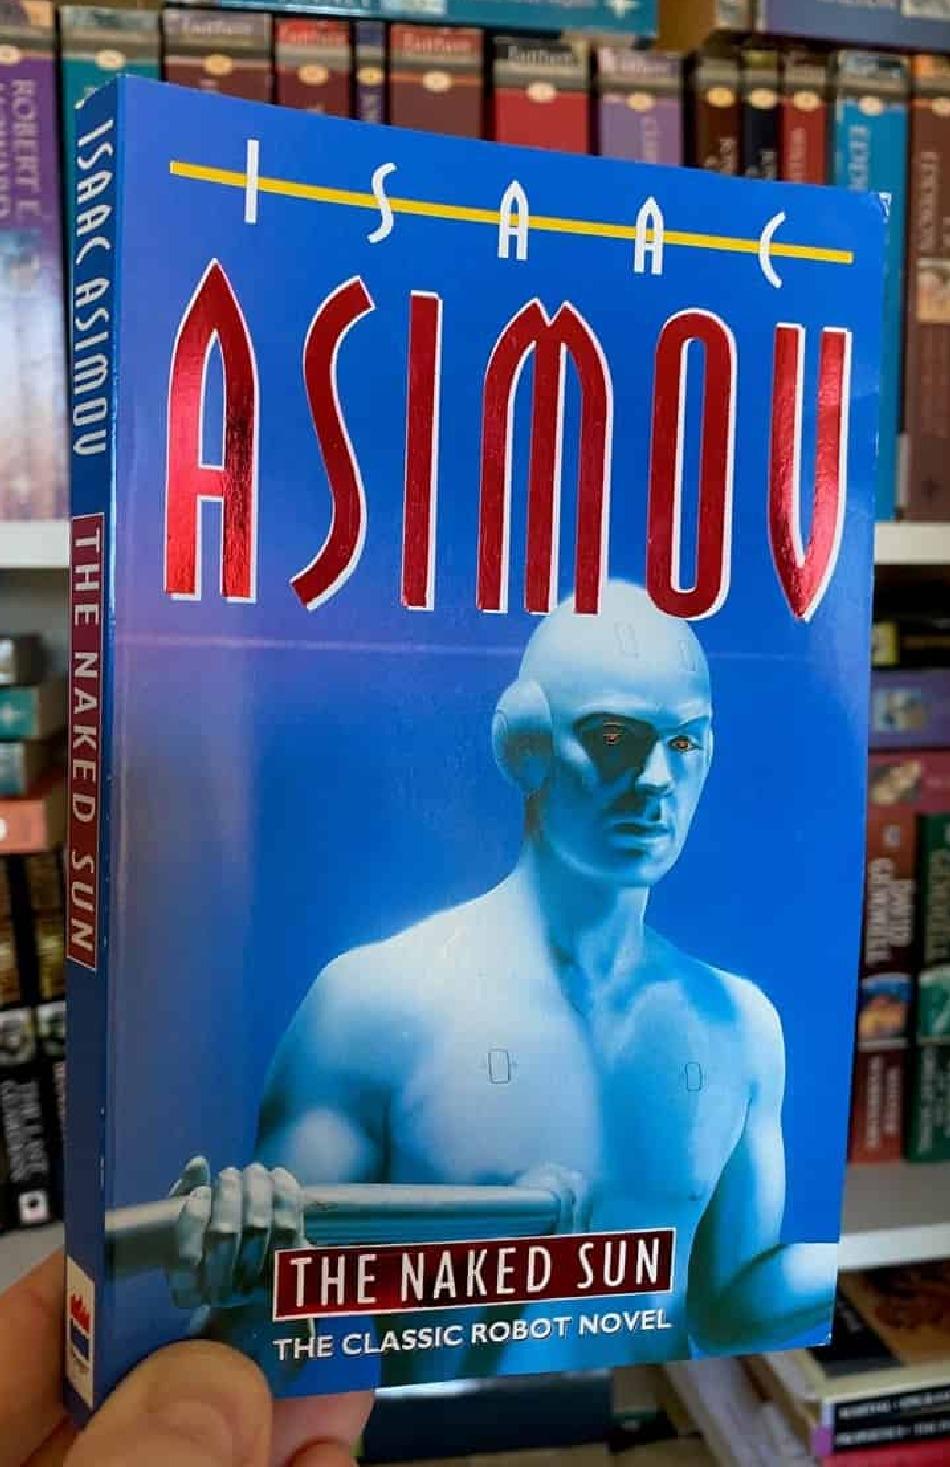 The Classic Crash Test Dummy Novel